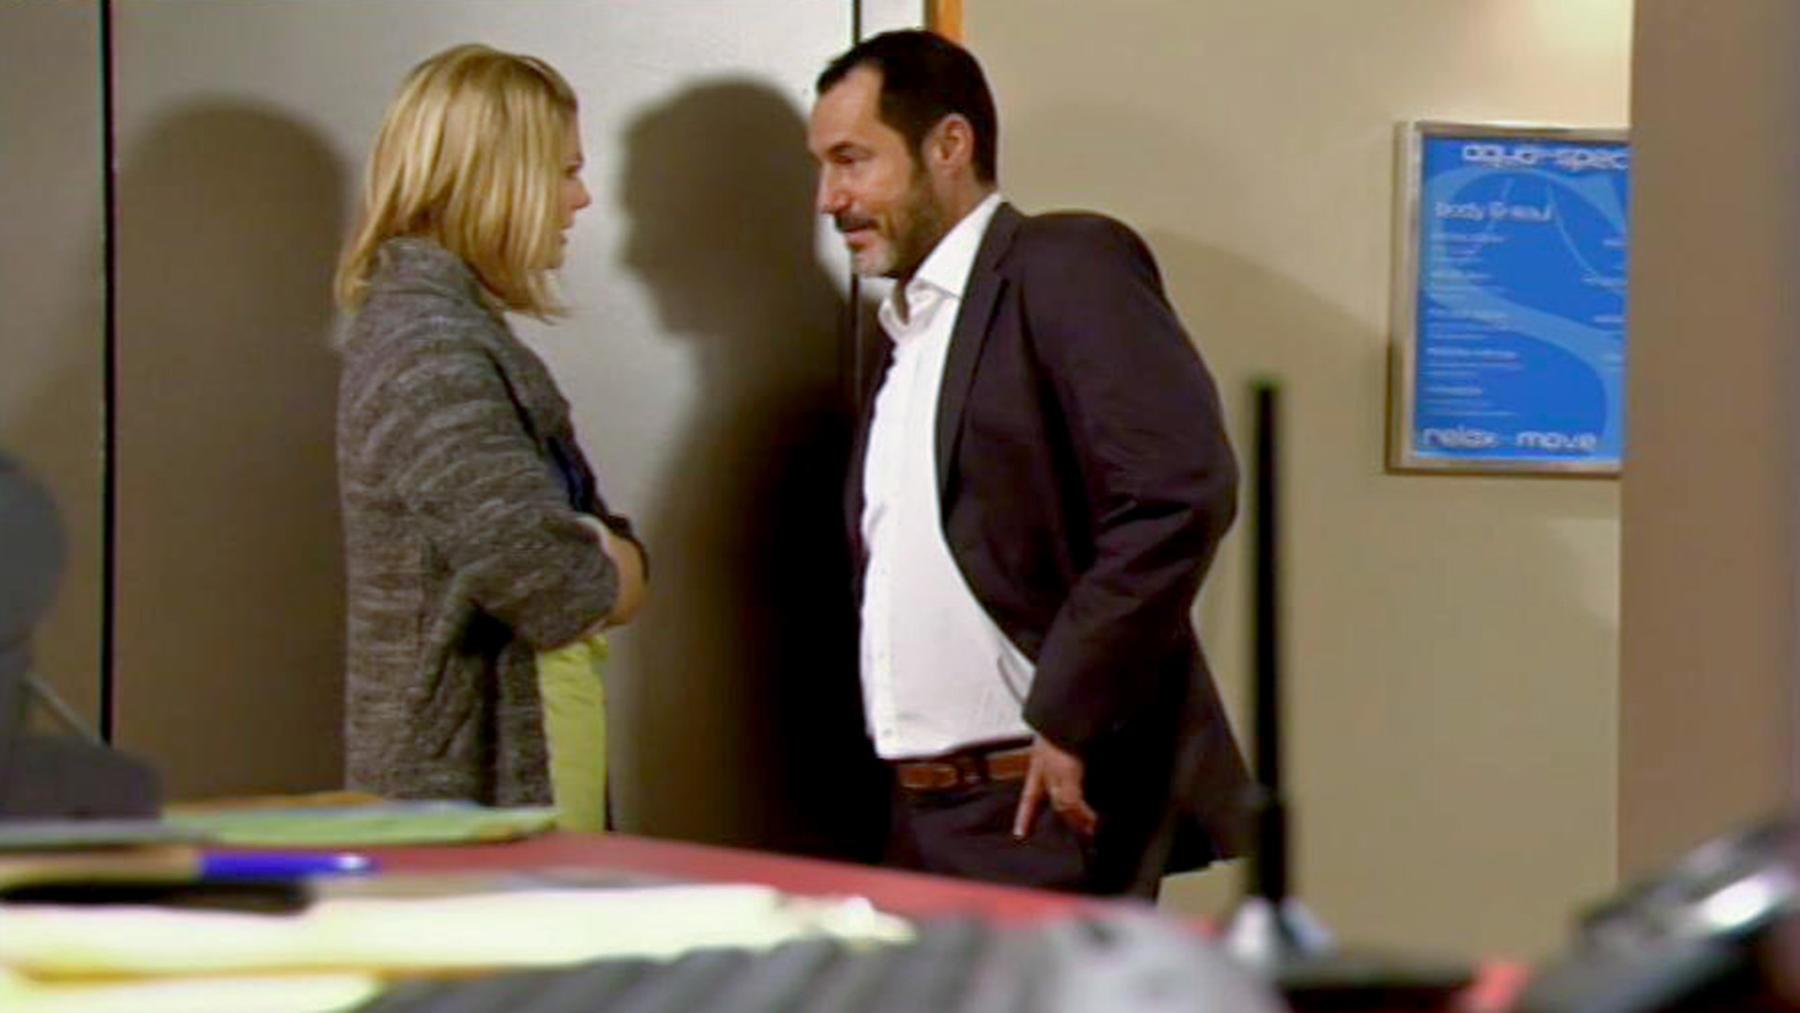 Richard und Celine beginnen eine heimliche Affäre